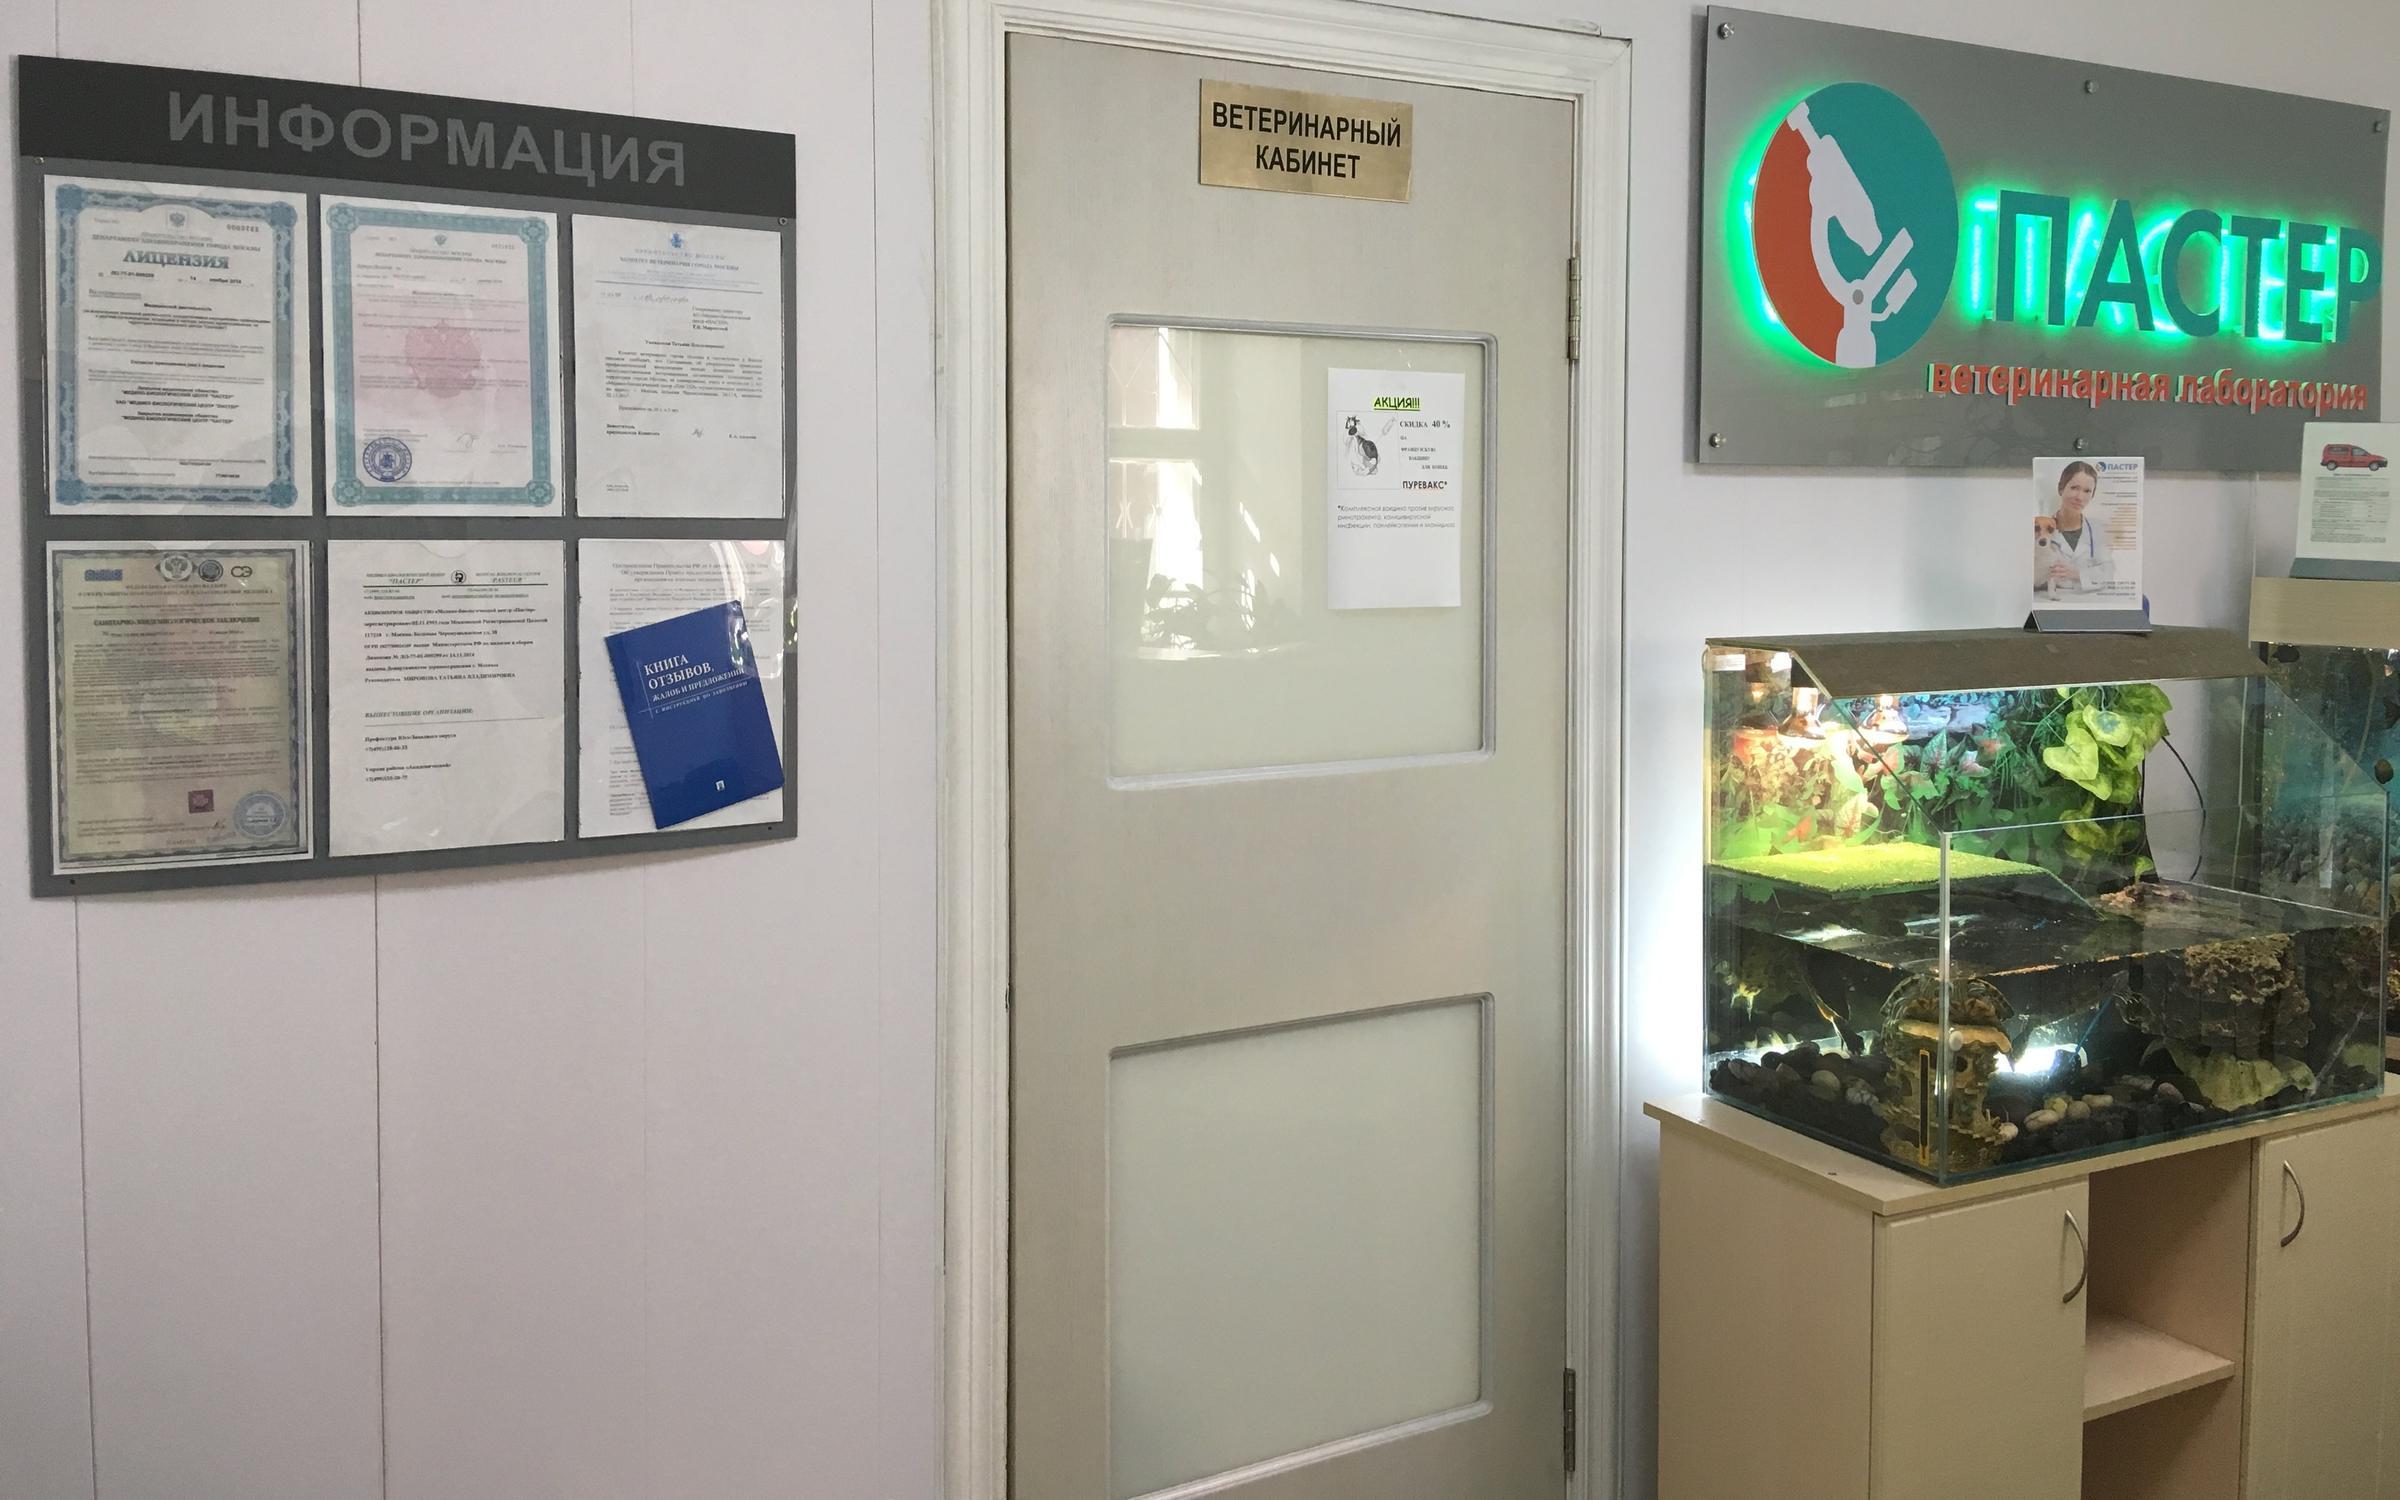 фотография Ветеринарной лаборатории Пастер на Большой Черёмушкинской улице